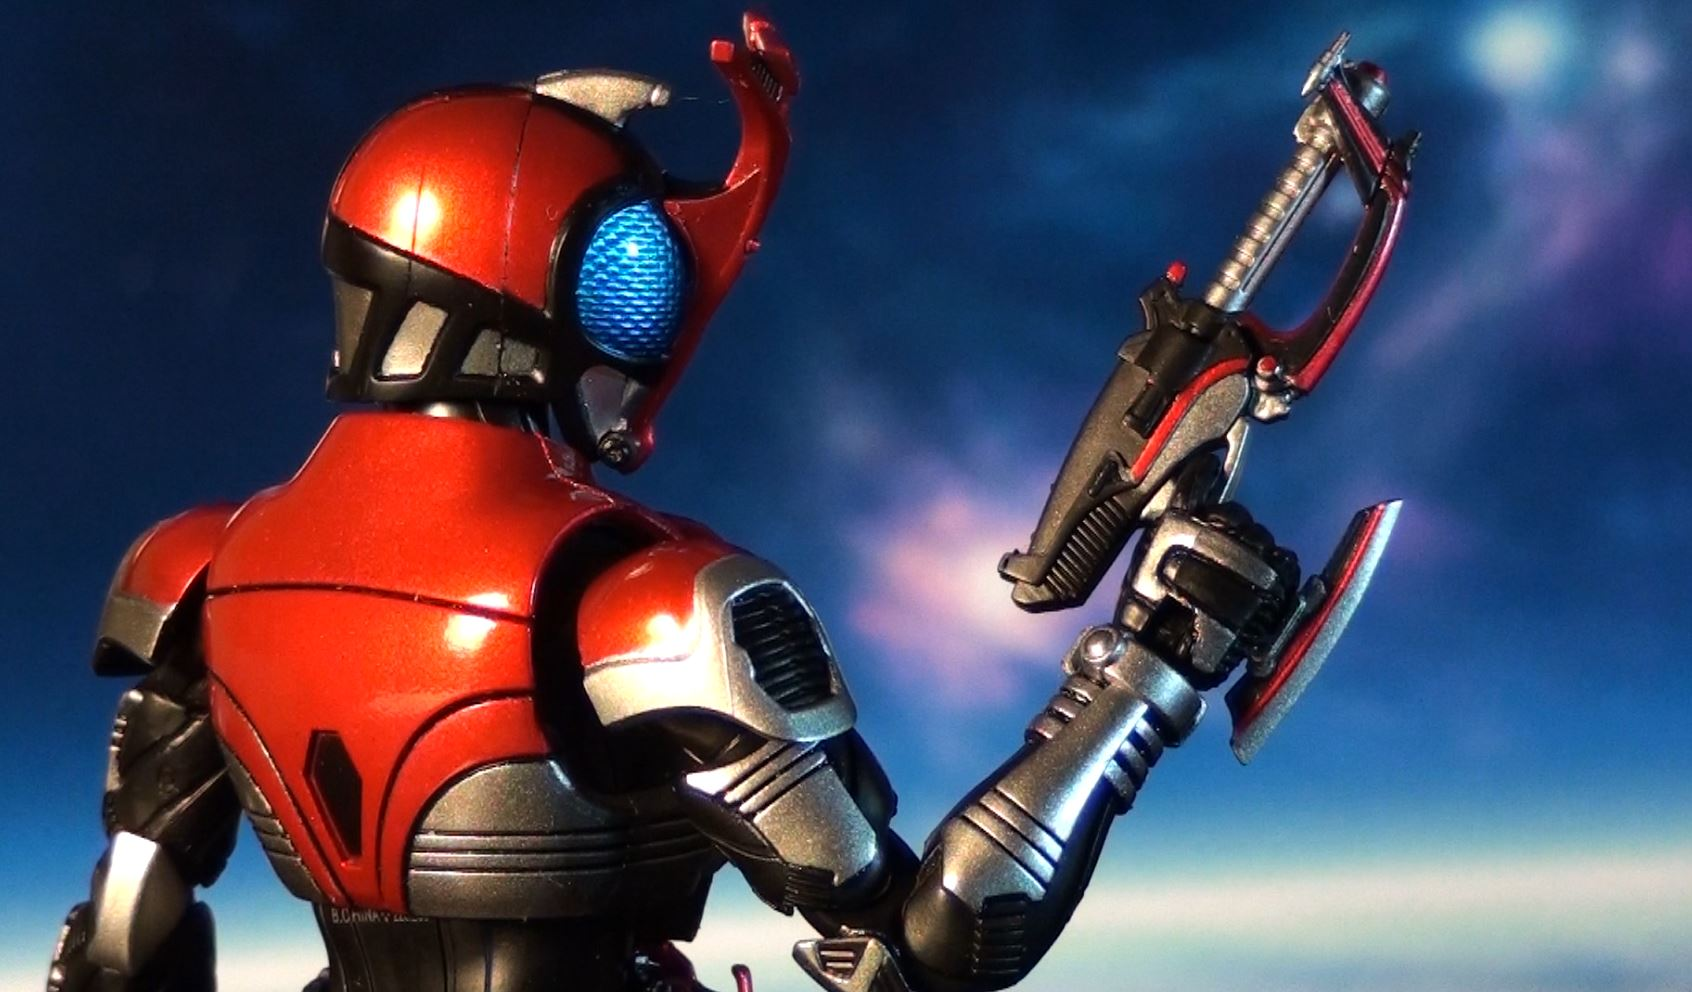 SIC VOL52 Kamen Rider Kabuto by Bandai: Amazones